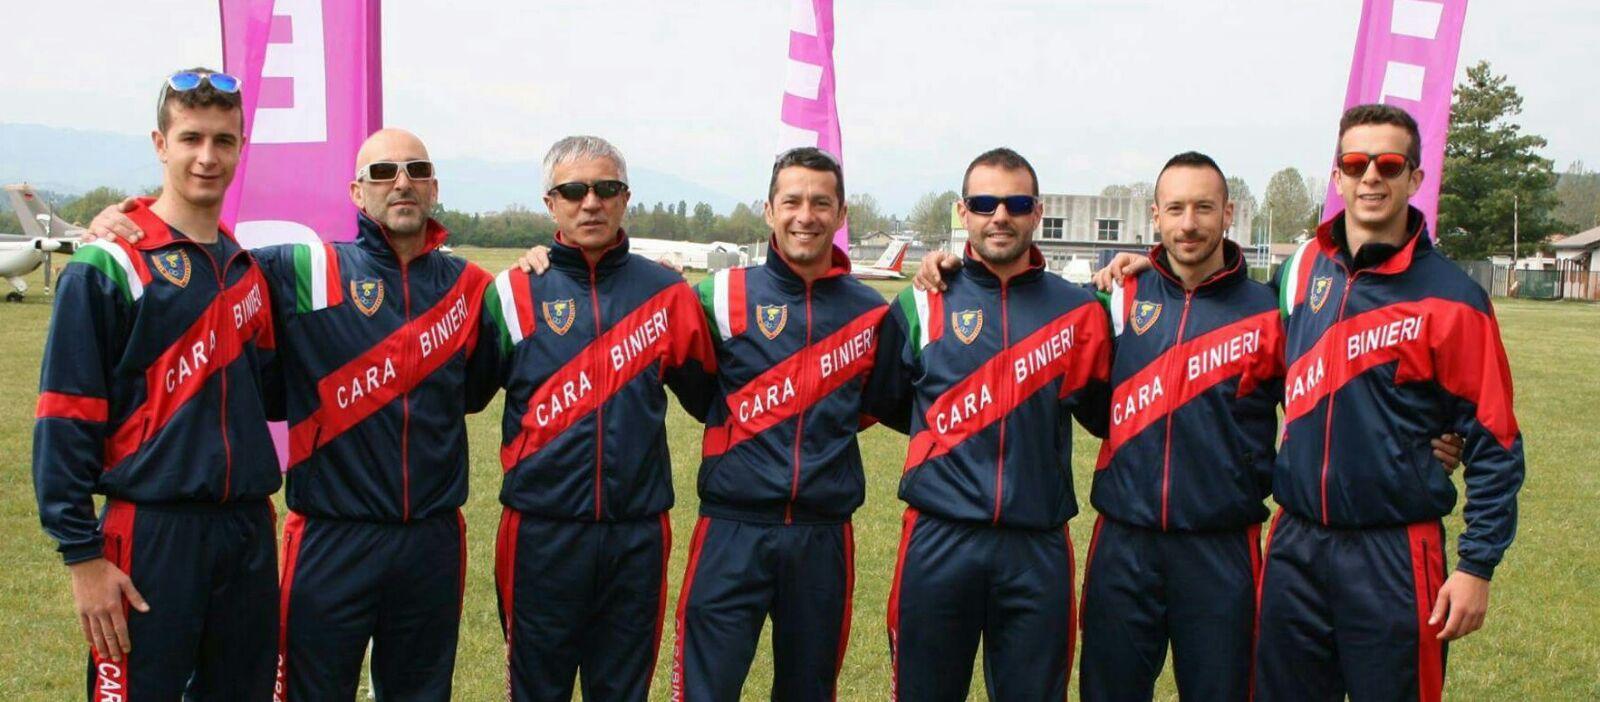 carabinieri-belluno